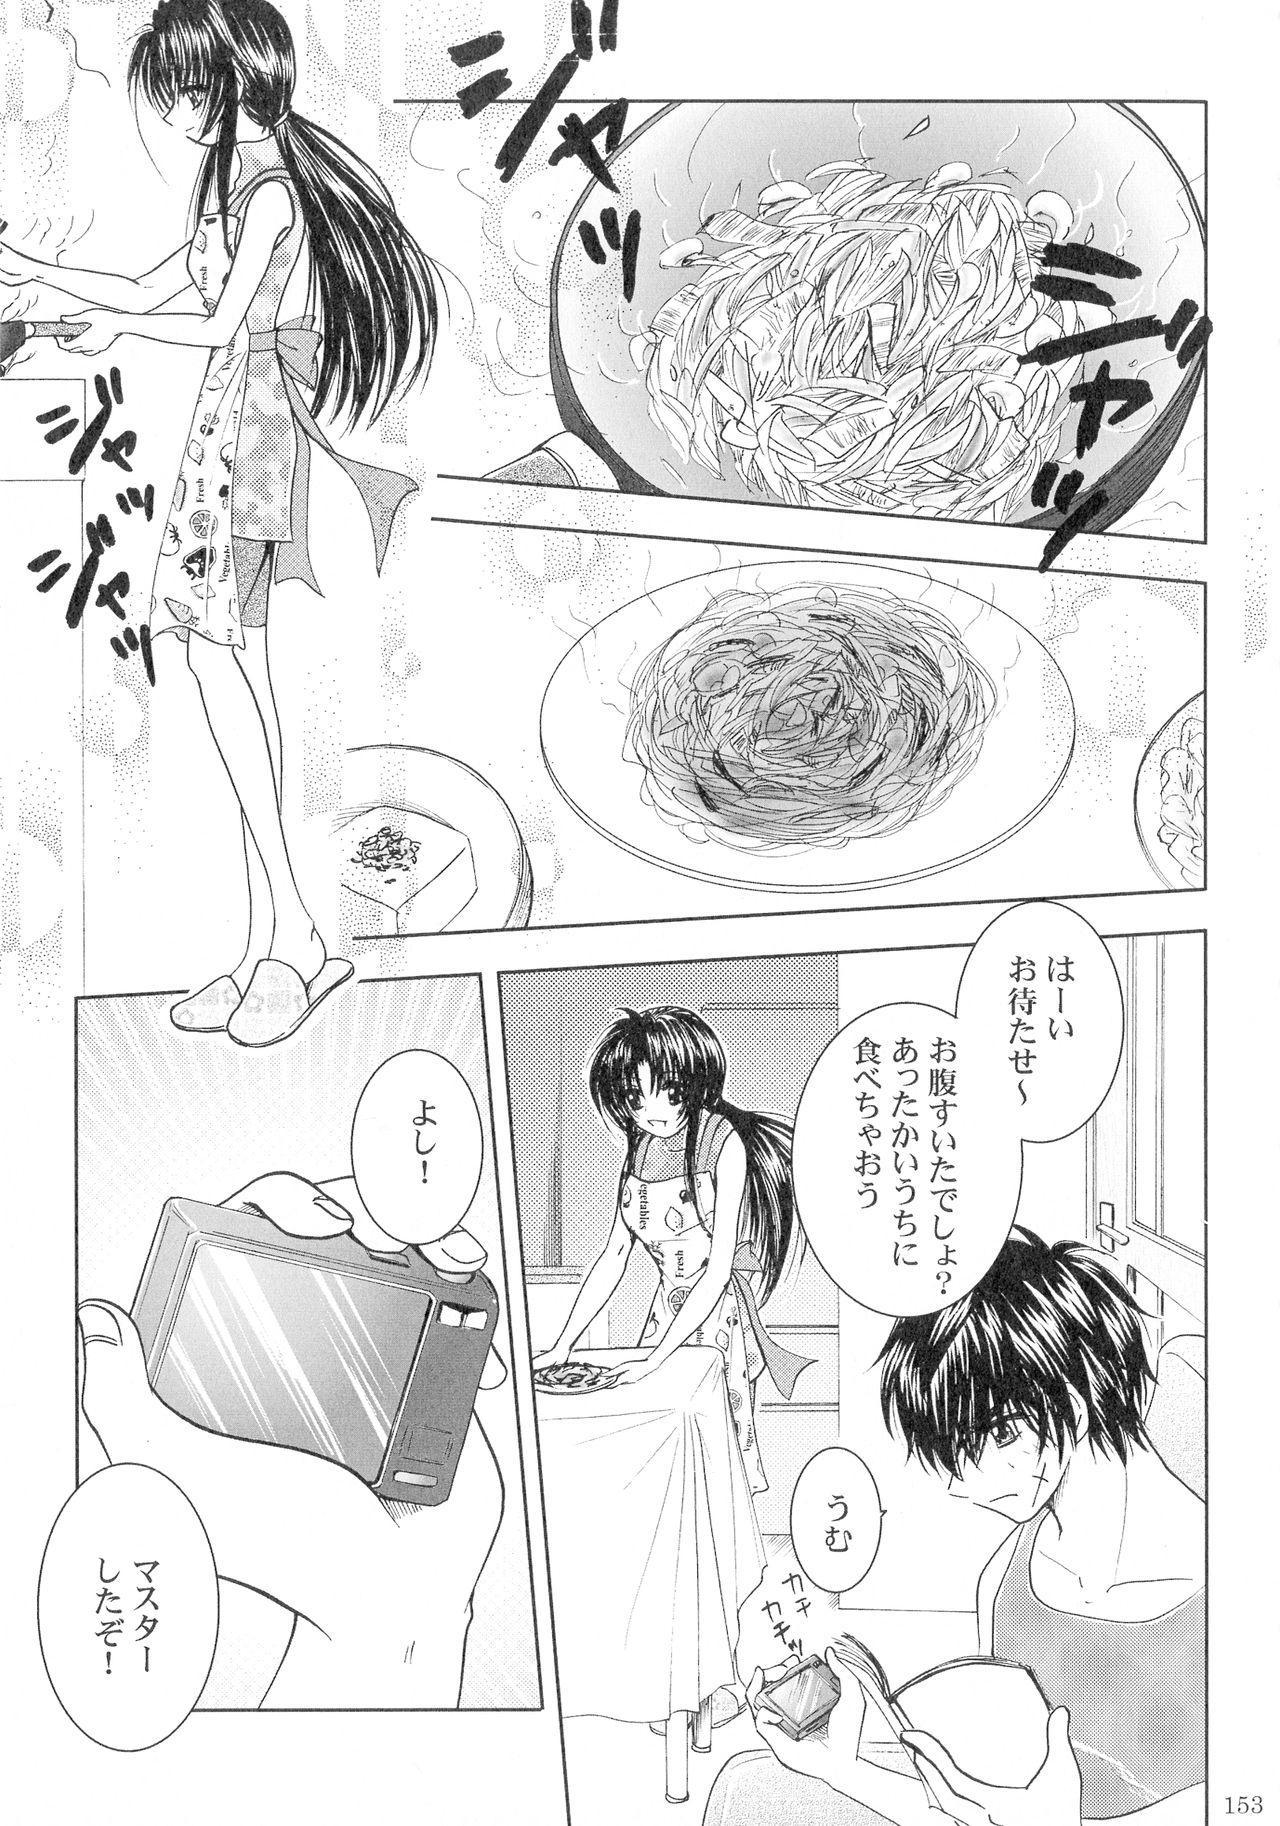 SEXY PANIC Sairoku-shuu VOL.3 151